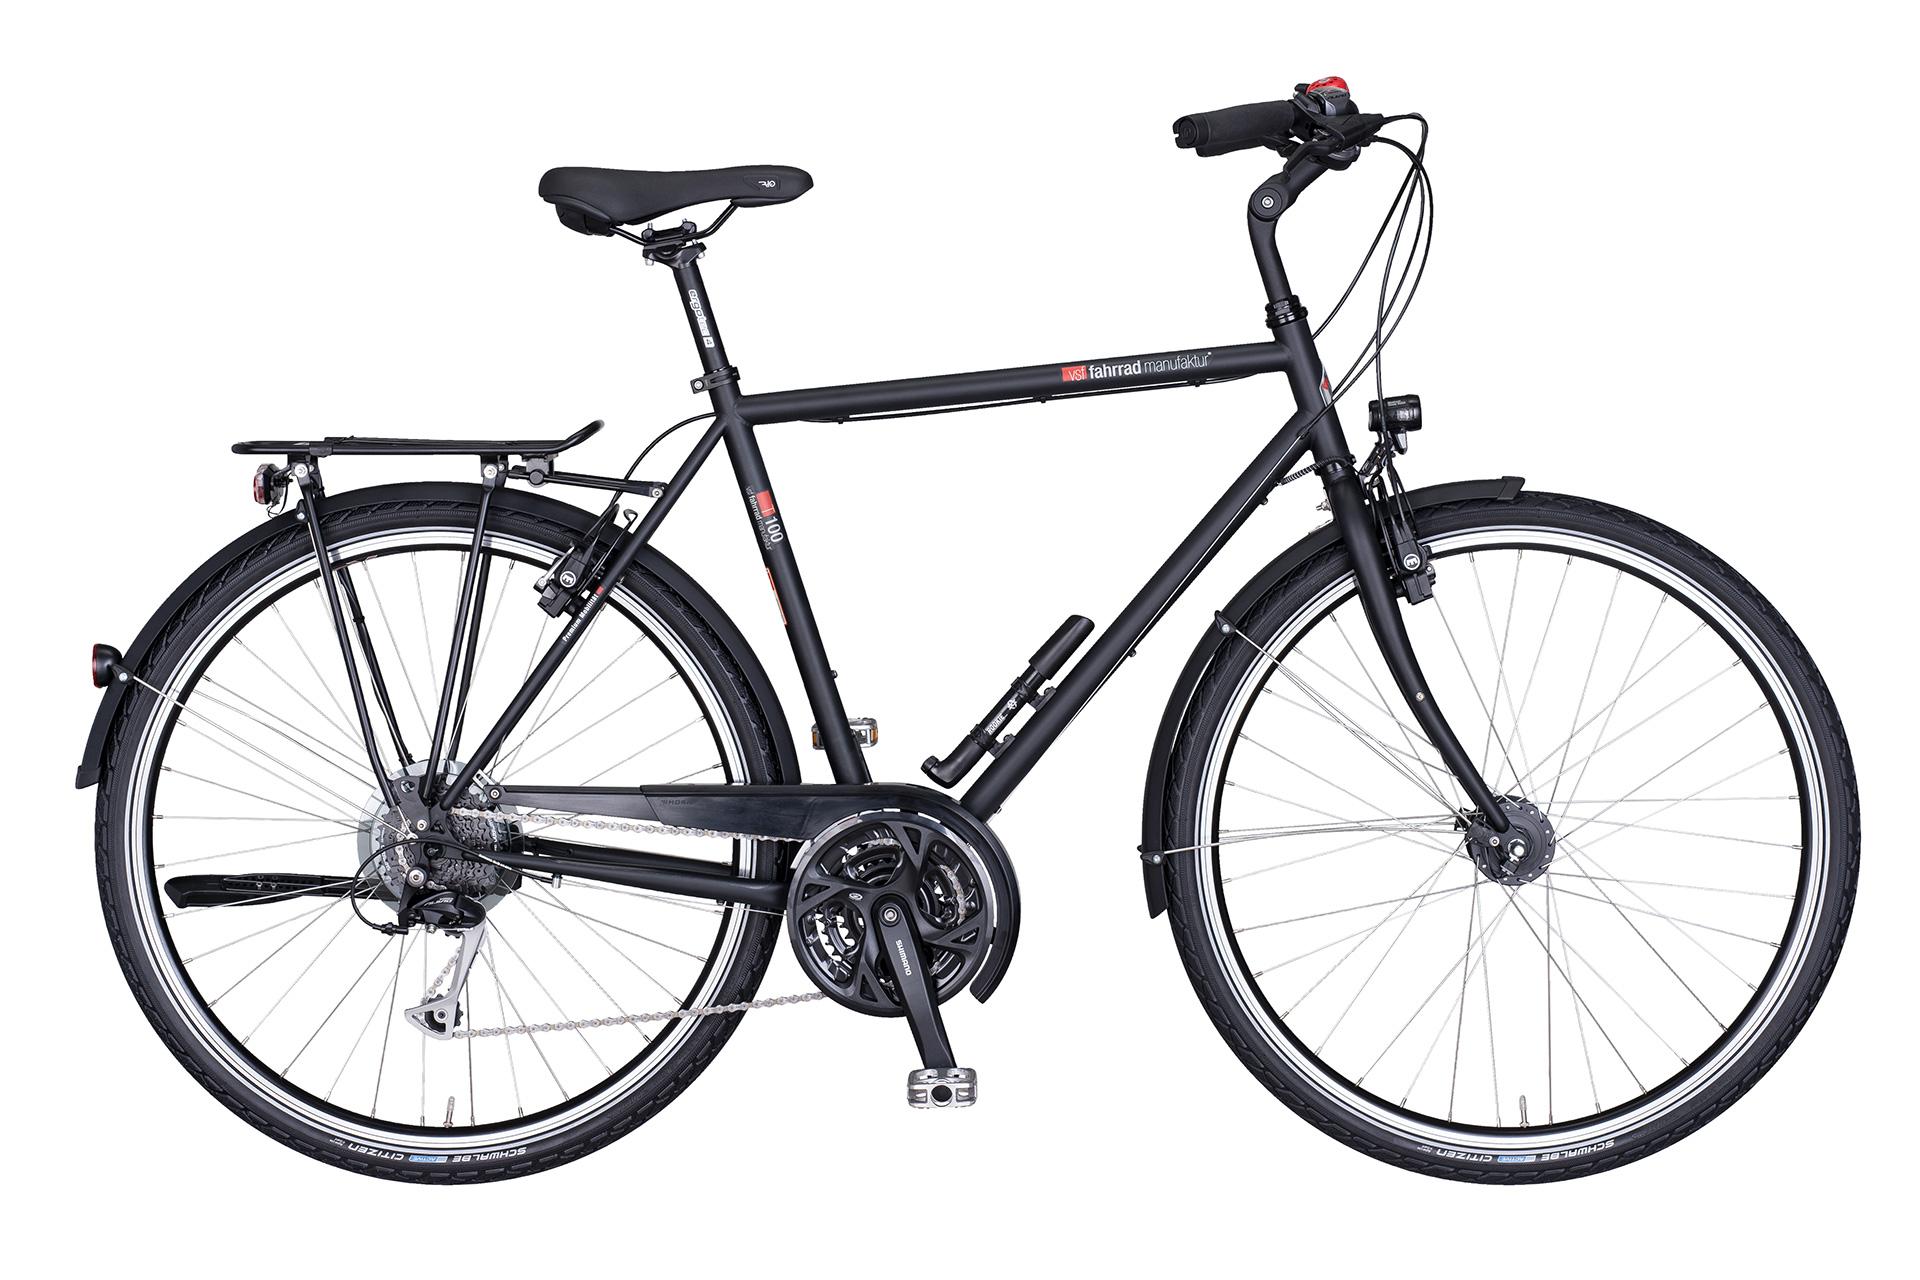 Fahrradmanufaktur T100 Alivio HS11